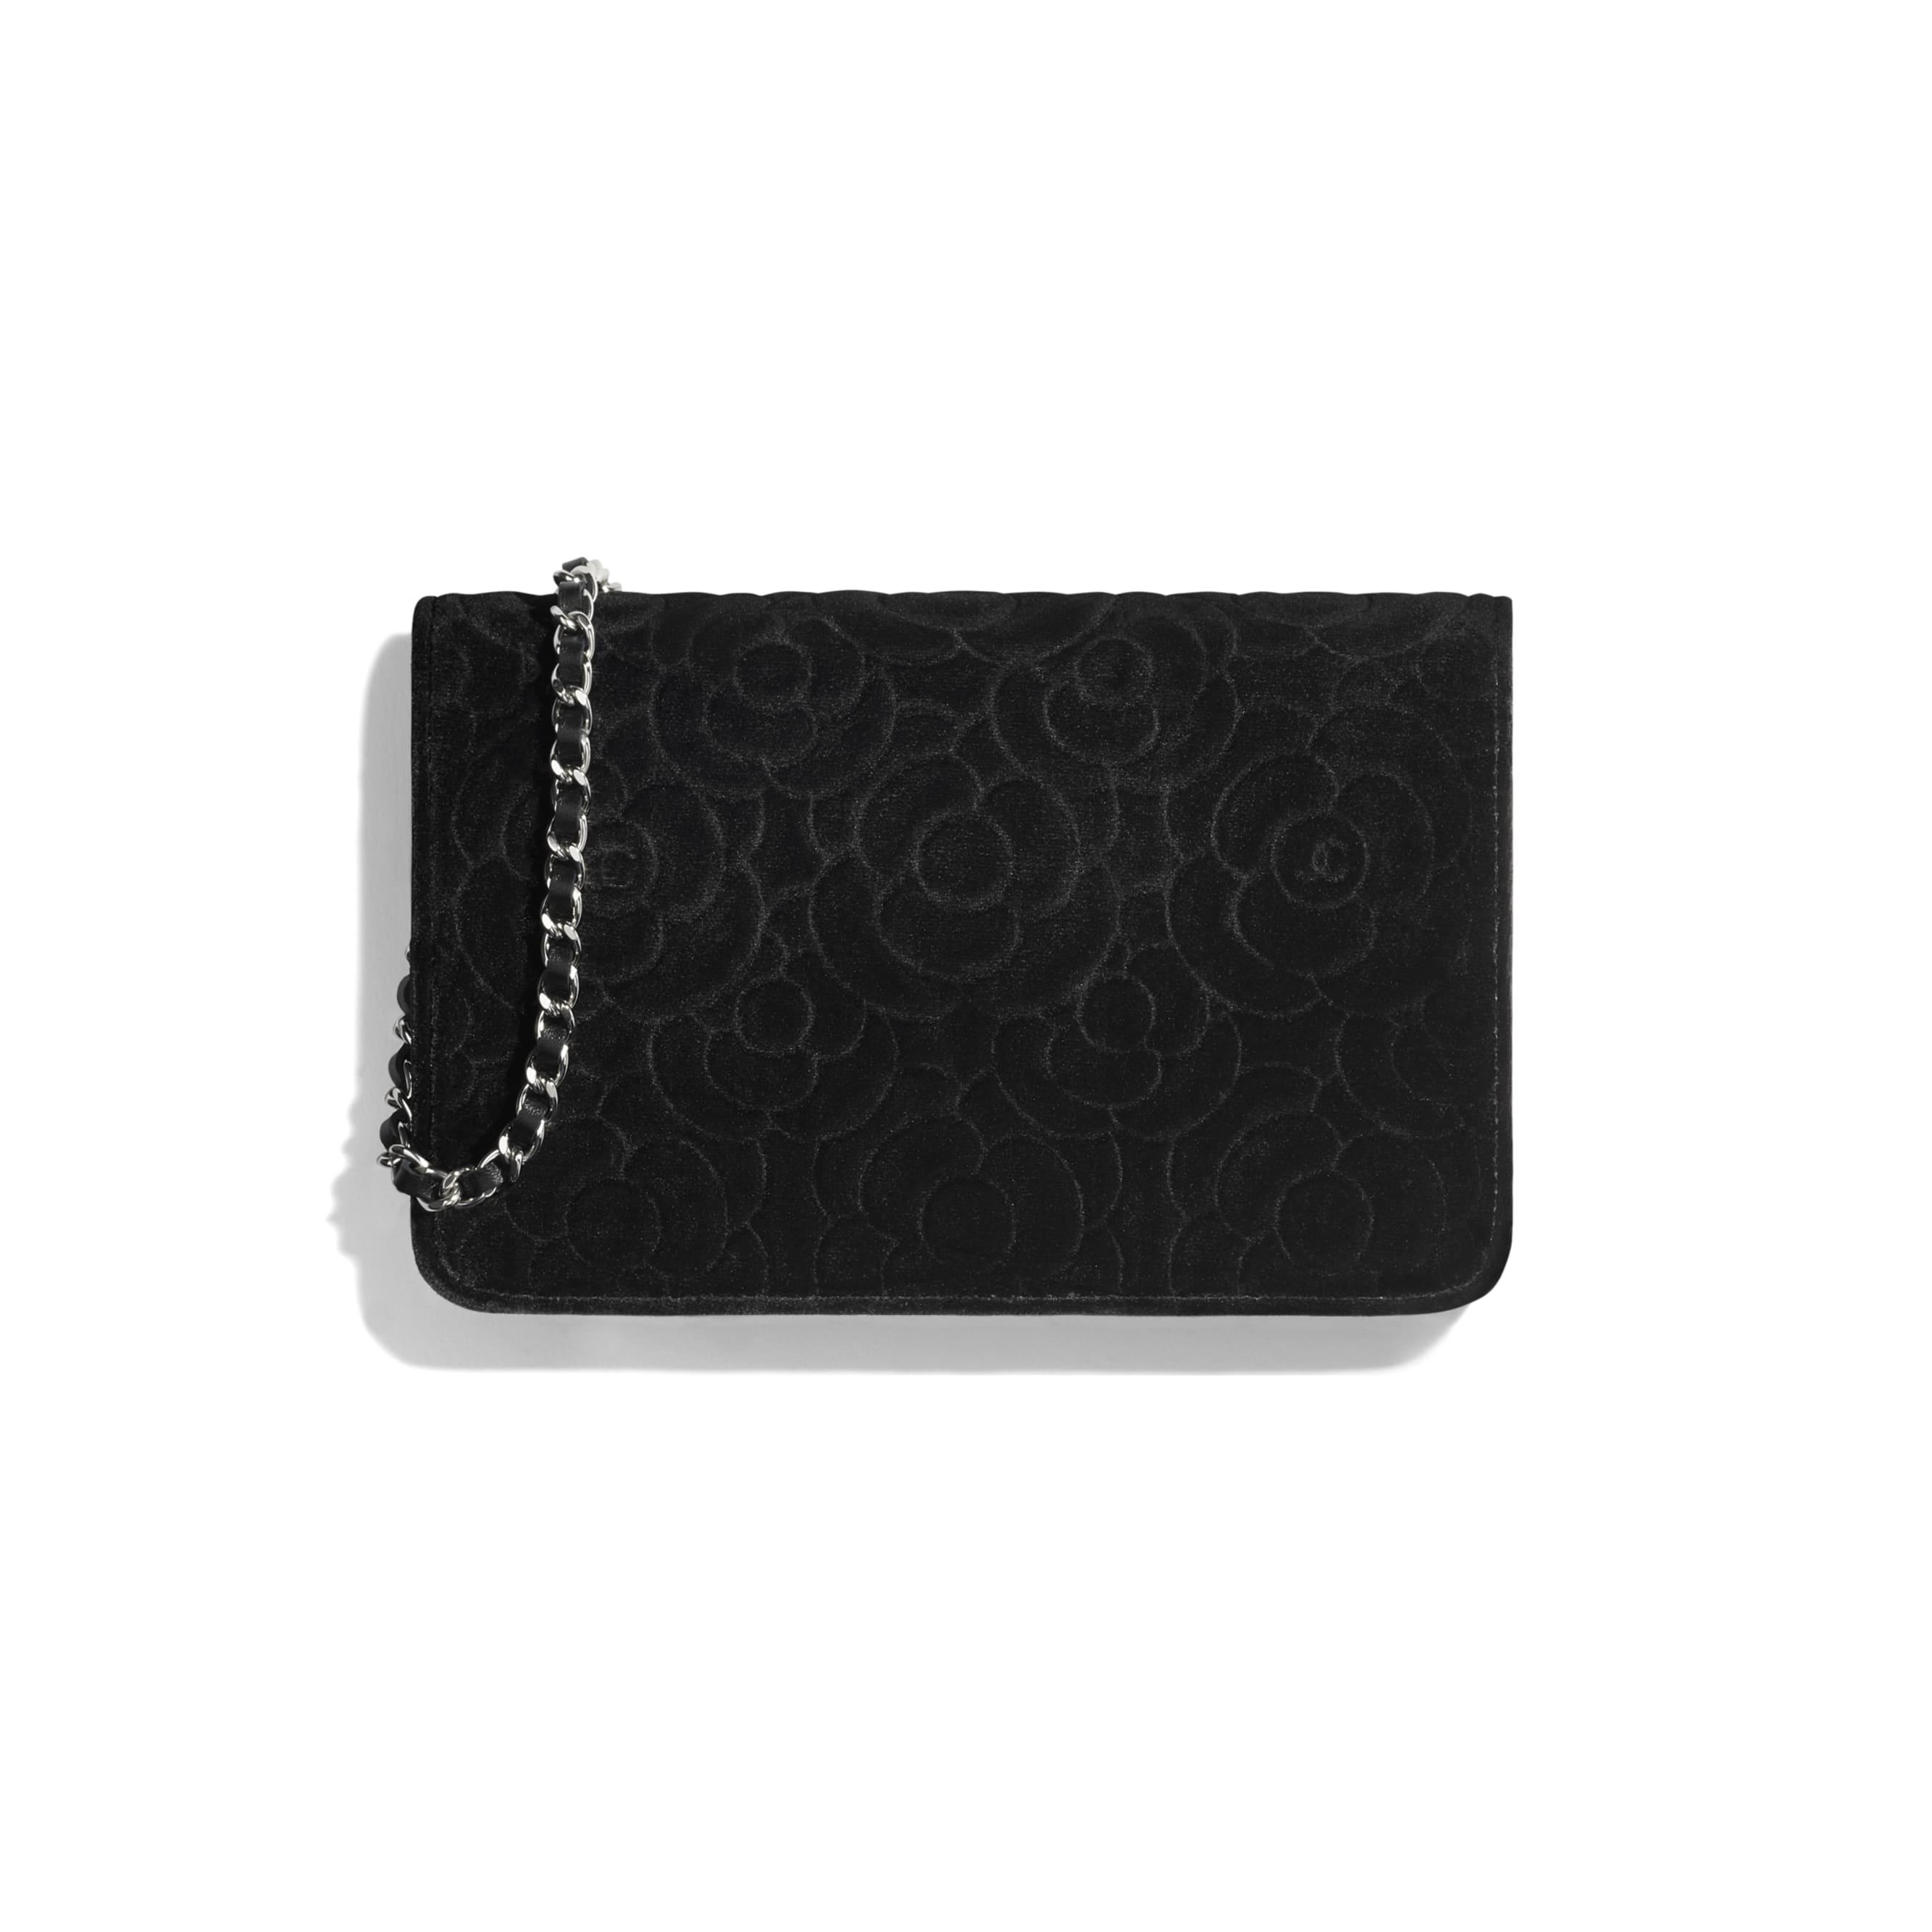 Torebka portfelowa z łańcuchem  - Kolor czarny - Aksamit i metal w tonacji srebrnej - CHANEL - Widok alternatywny – zobacz w standardowym rozmiarze